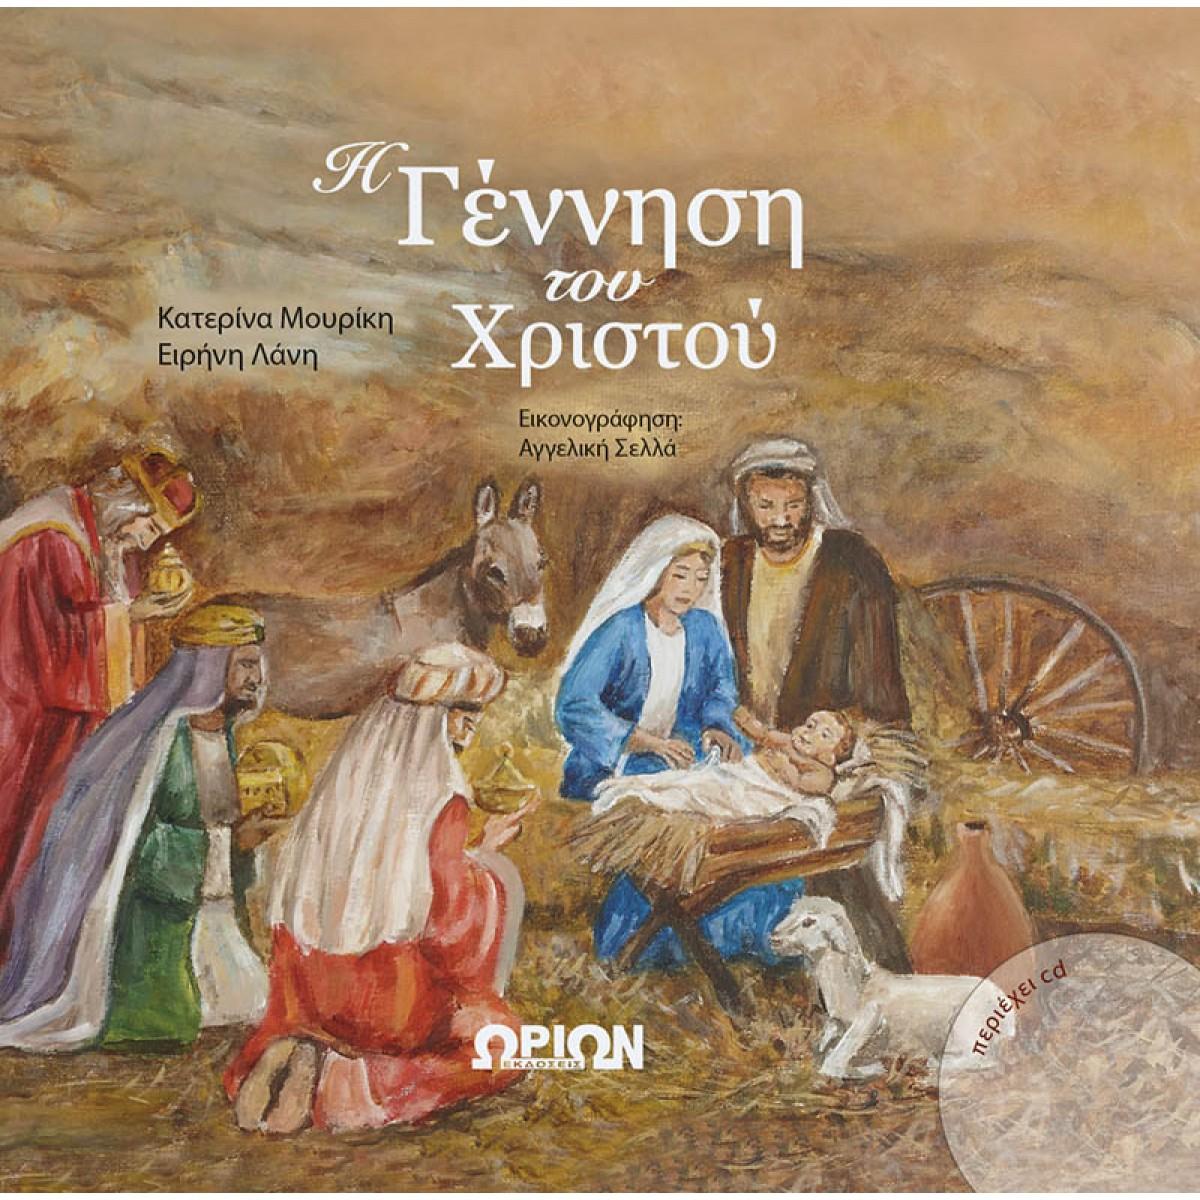 Η ΓΕΝΝΗΣΗ ΤΟΥ ΧΡΙΣΤΟΥ ΠΕΡΙΕΧΕΙ CD  Βιβλία Ωρίων